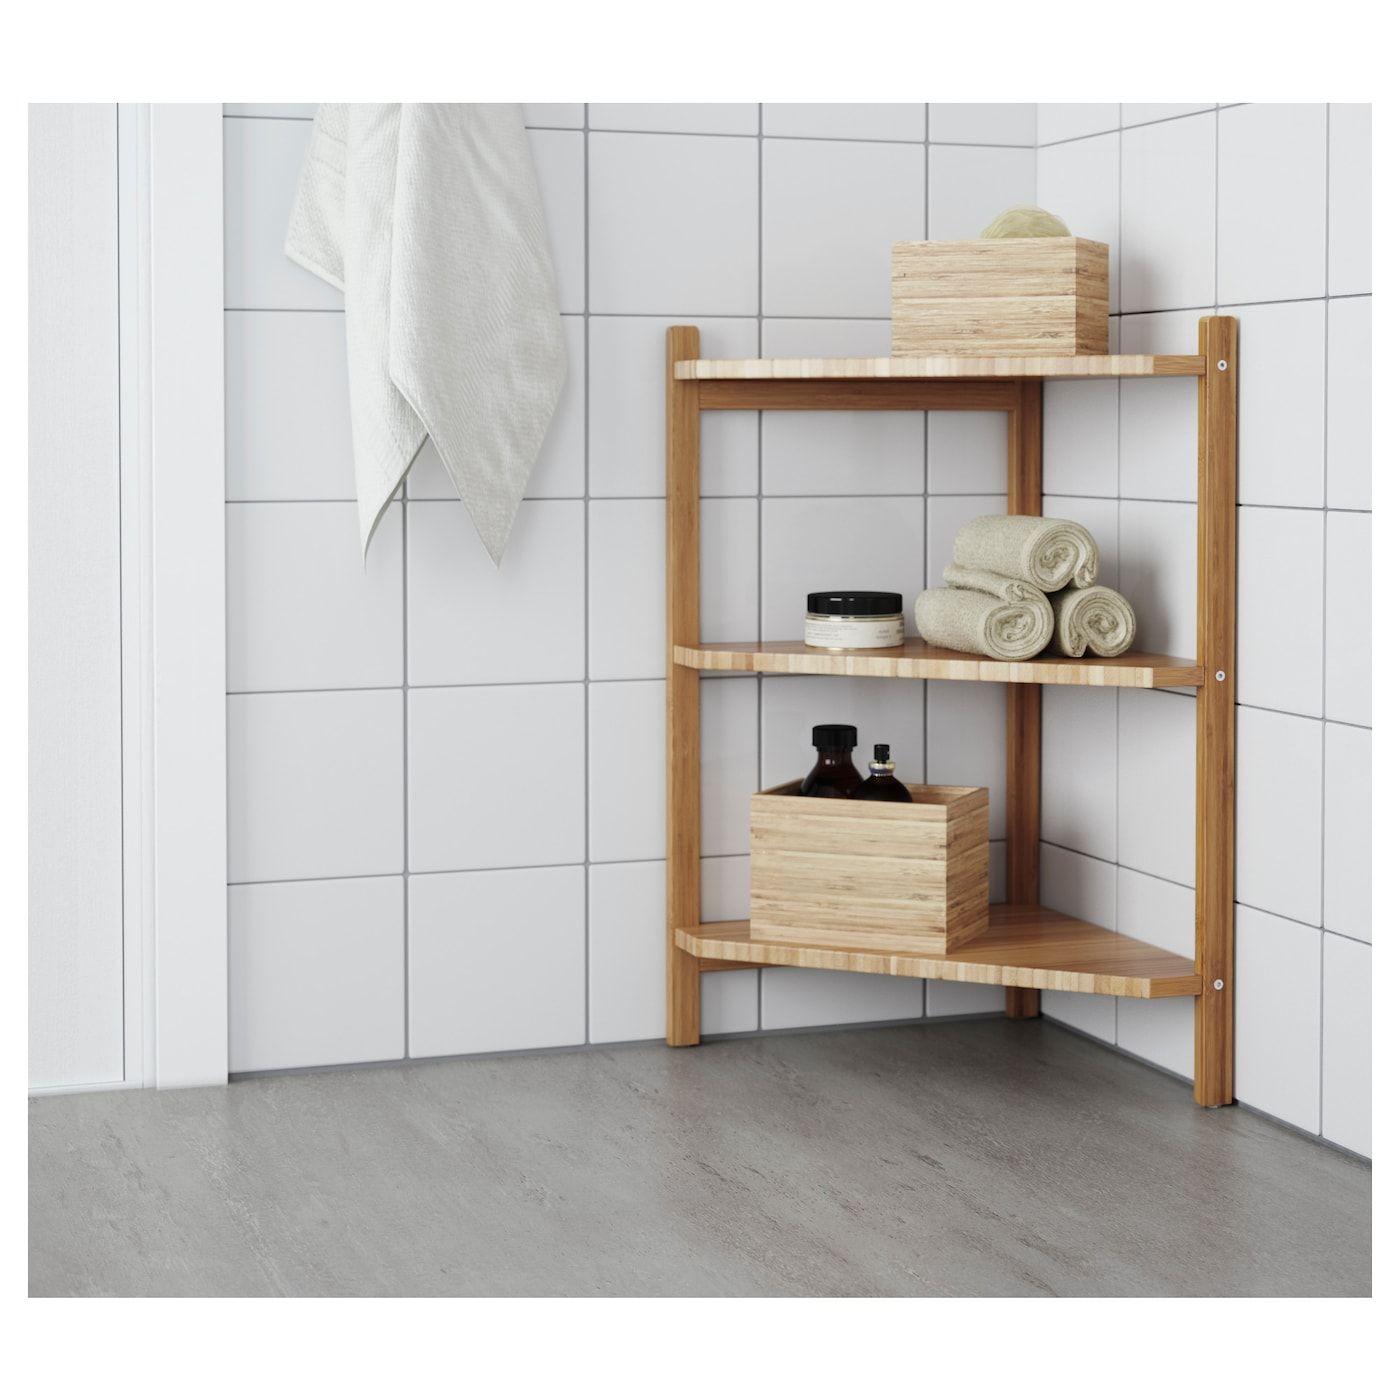 Ragrund Wastafel Hoekrek Bamboe 34x60 Cm Ikea In 2020 Badezimmer Regal Schmal Eckregal Eckregal Bambus